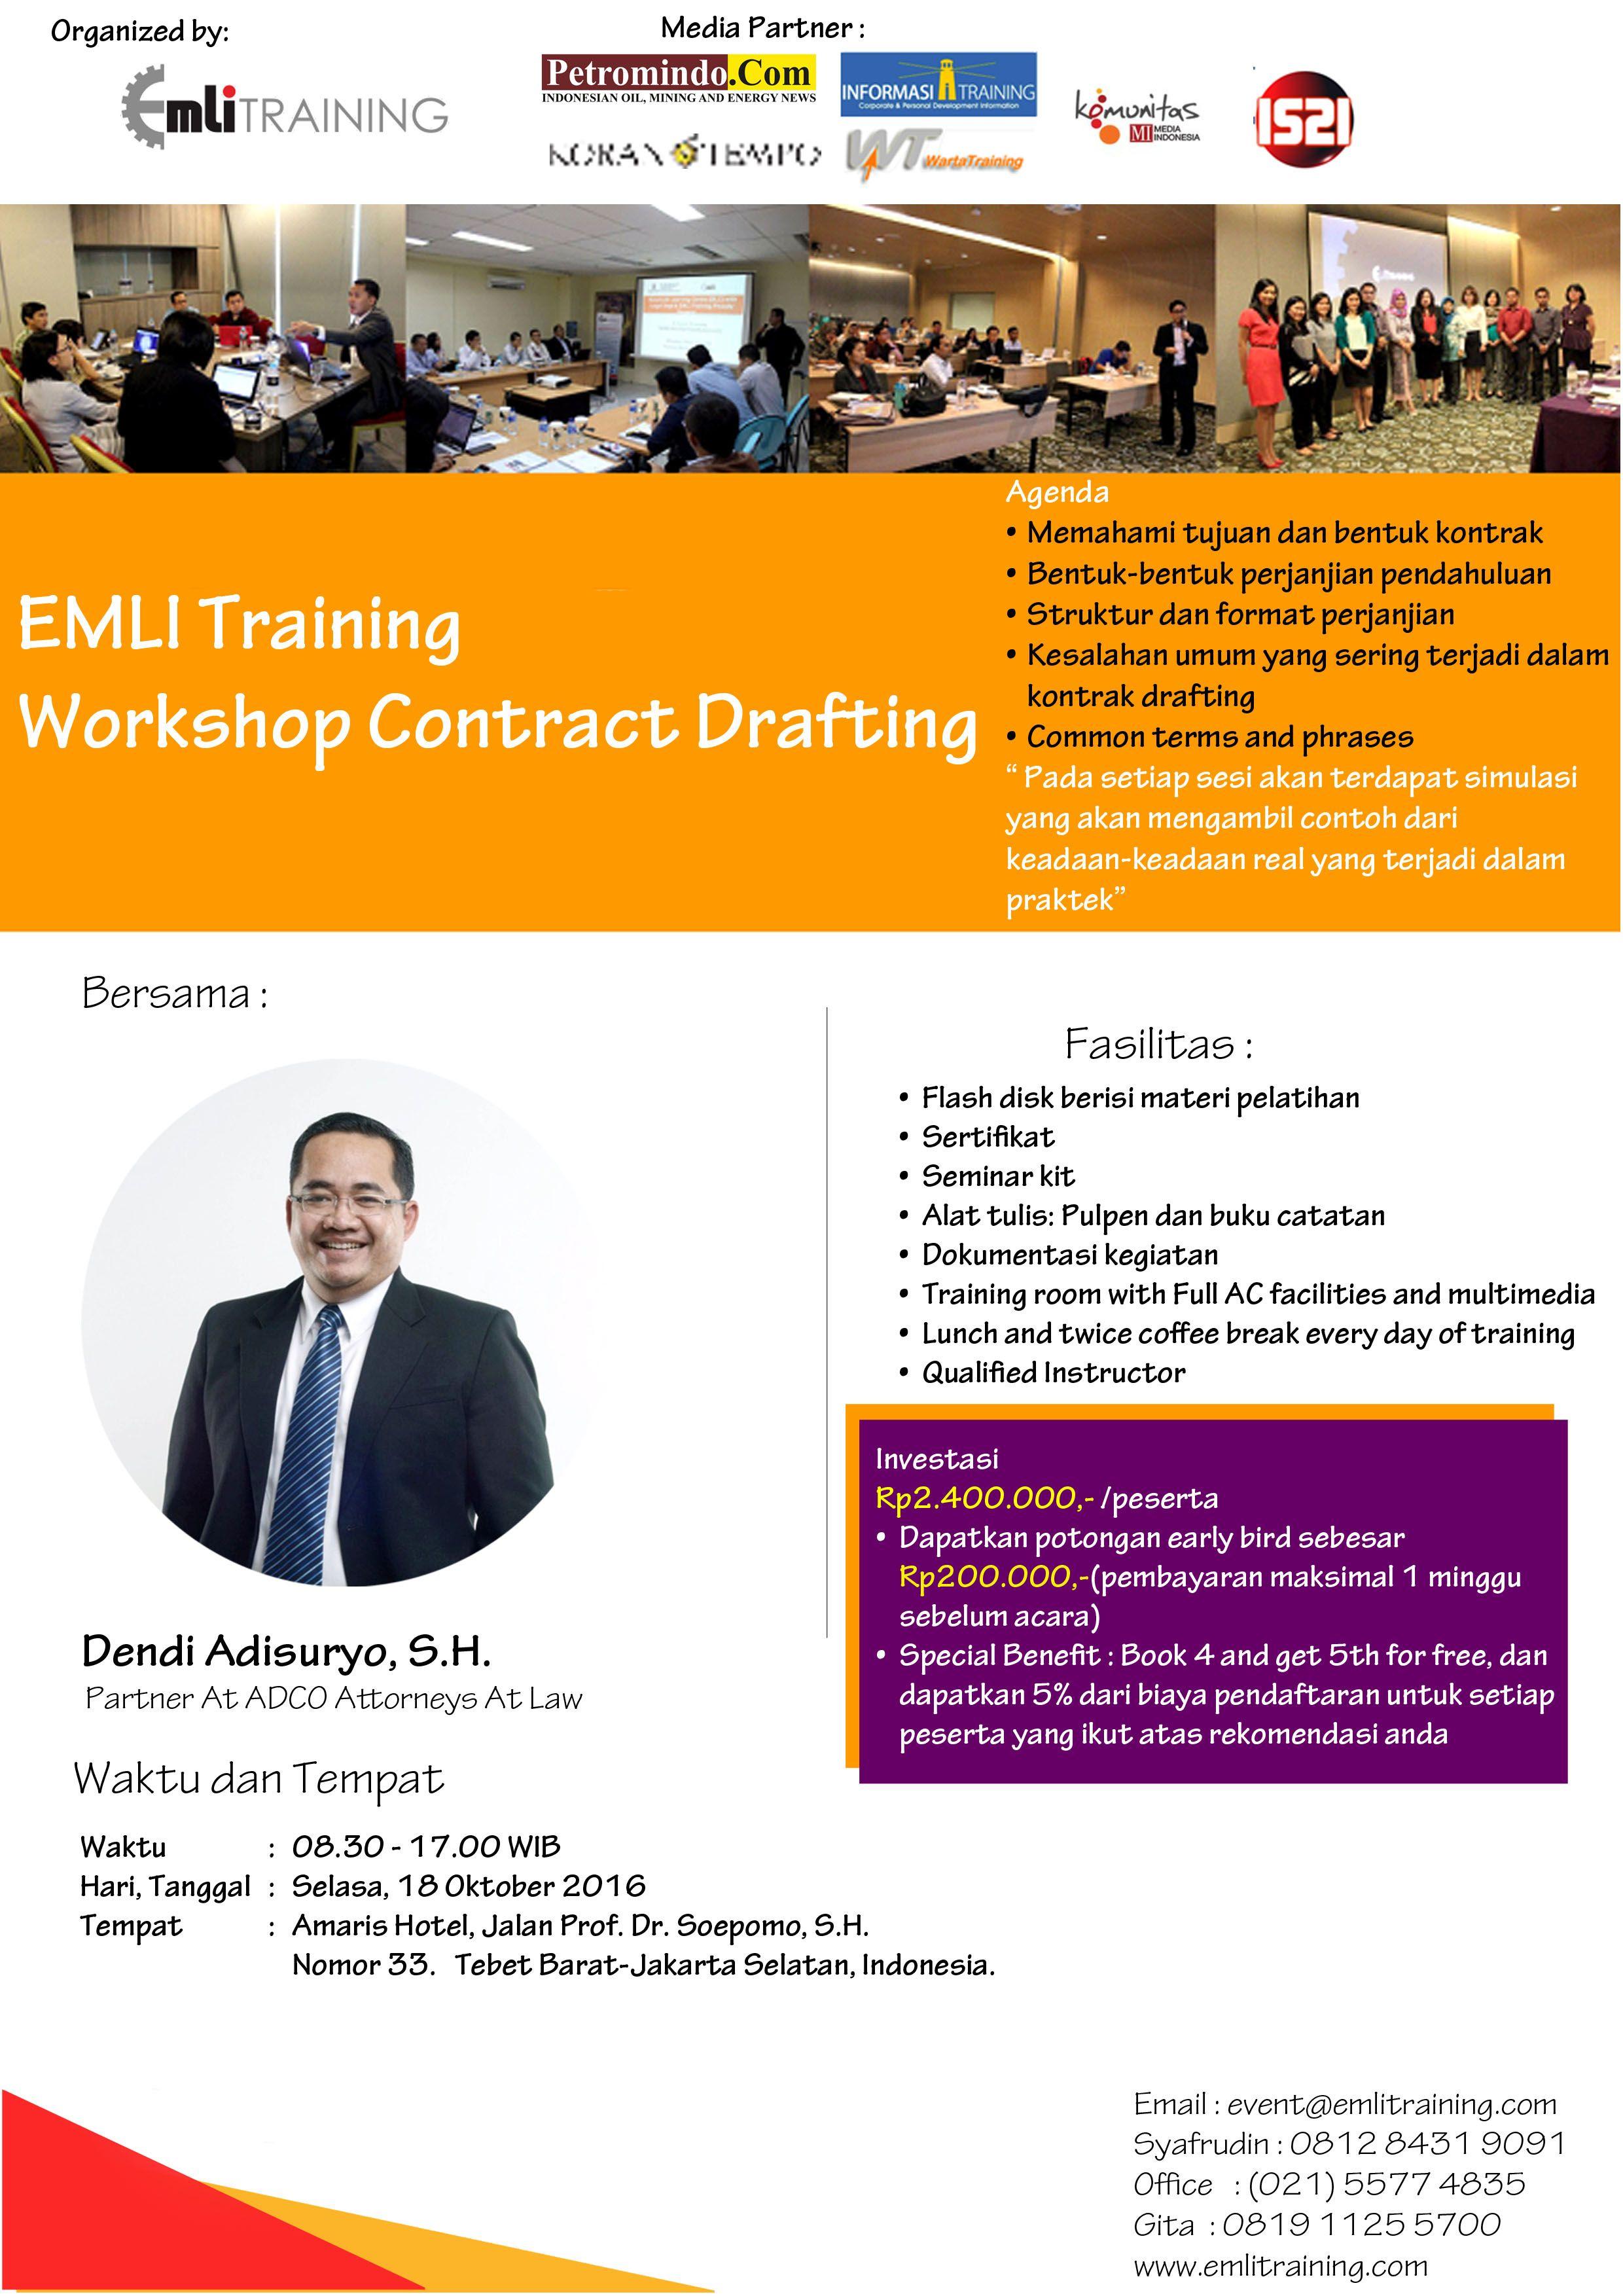 Workshop Contract Drafting Pelatihan Ini Di Desain Sedemikian Rupa